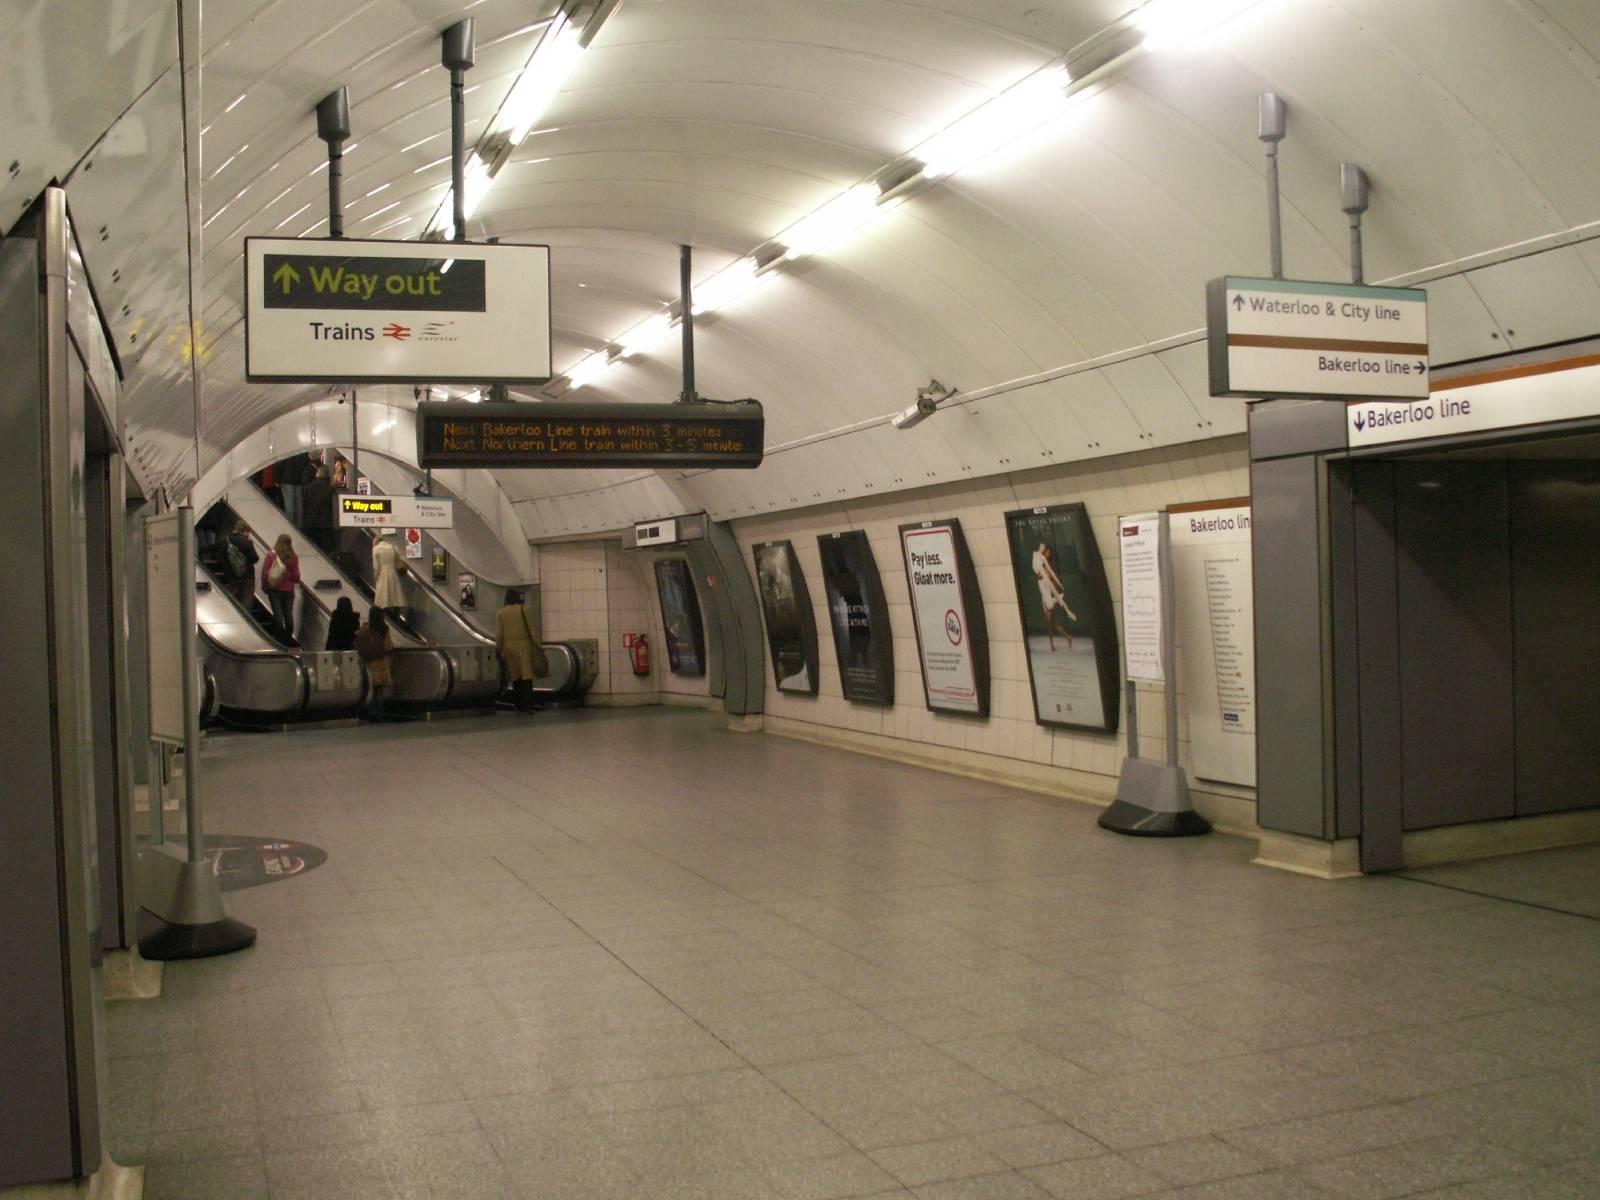 Subways hong kong clean subways